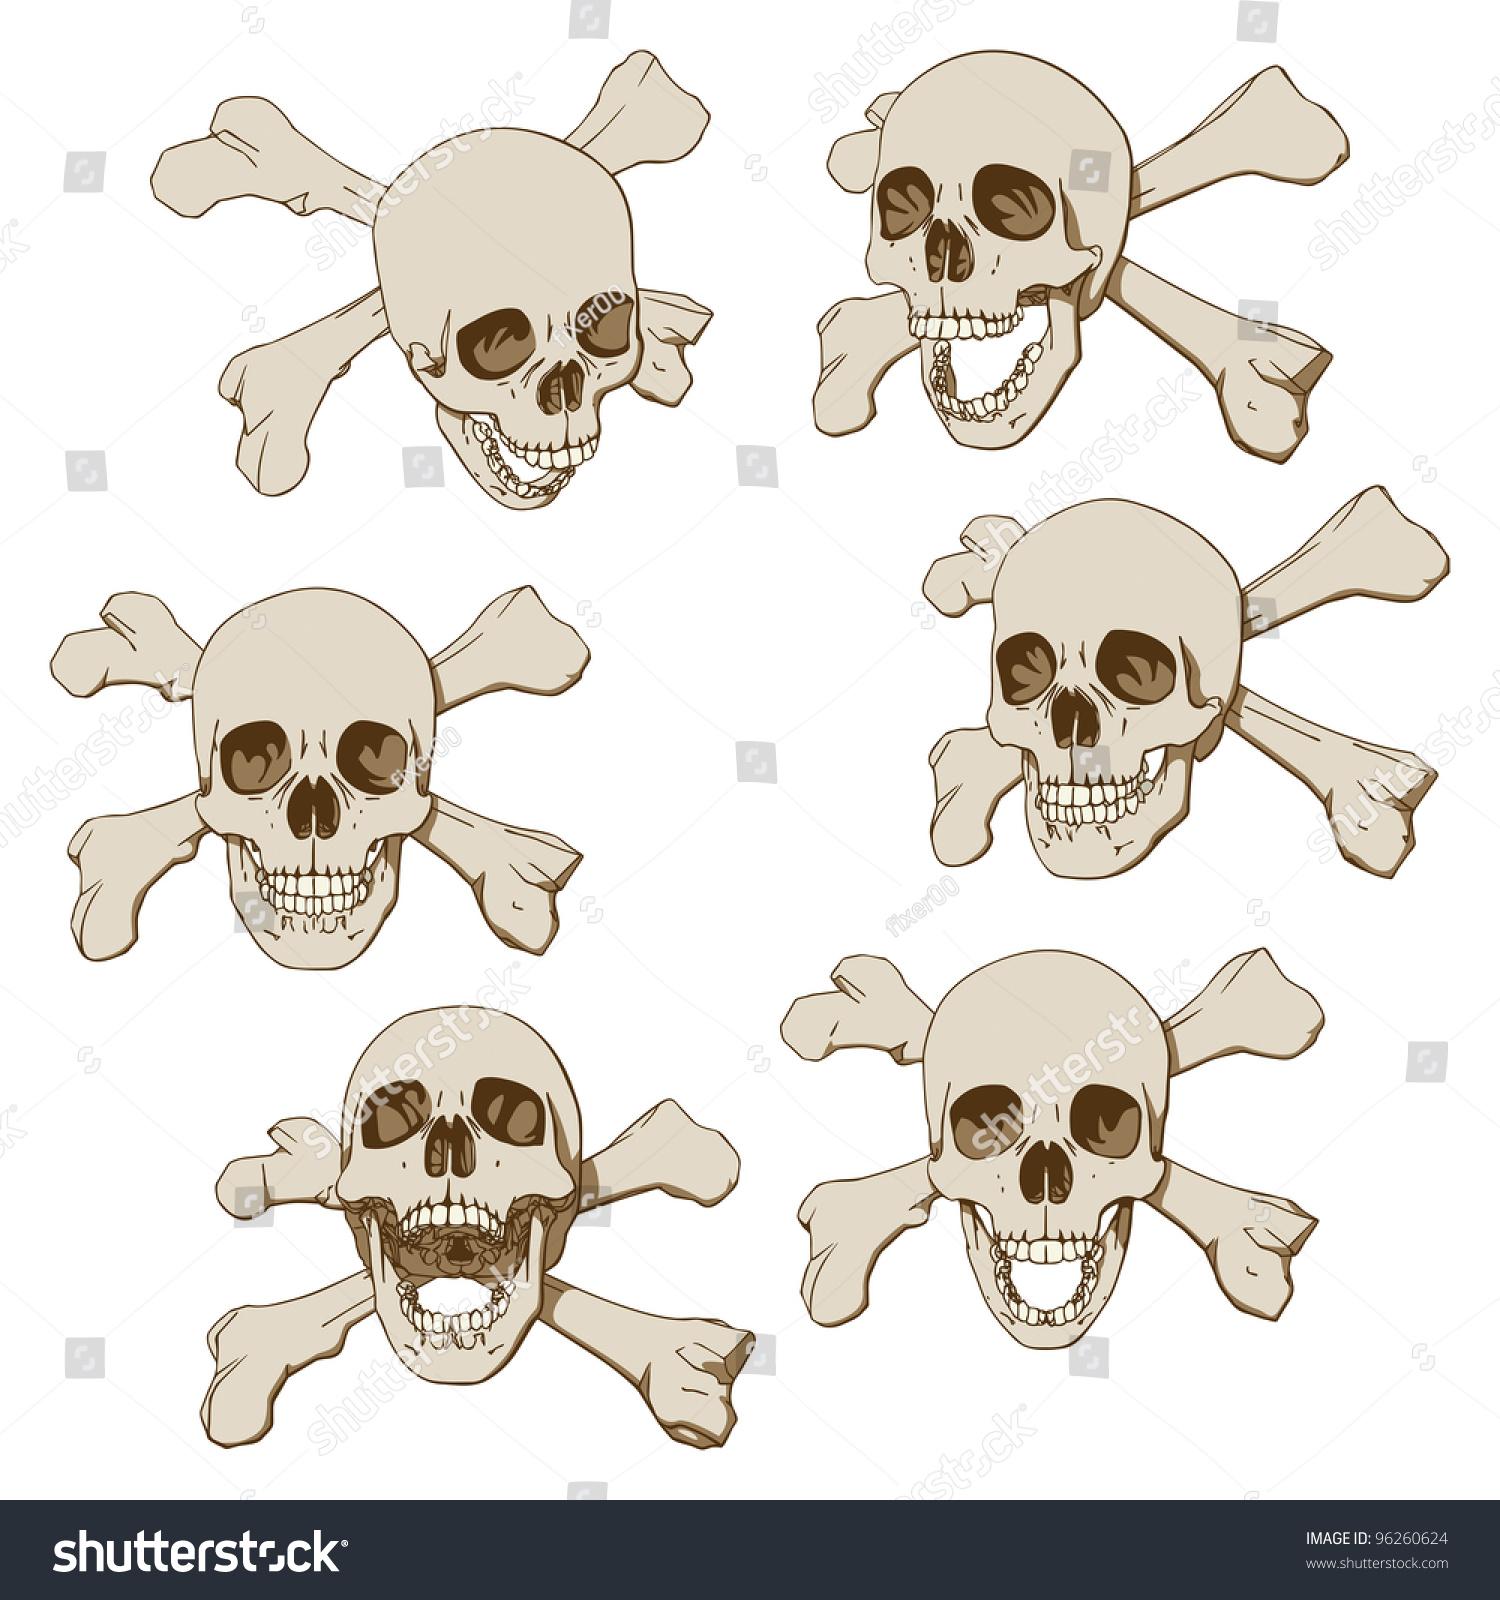 组六图纸类腿骨和v图纸图纸的头骨。矢量图-人cad尺寸个人住压标注图片